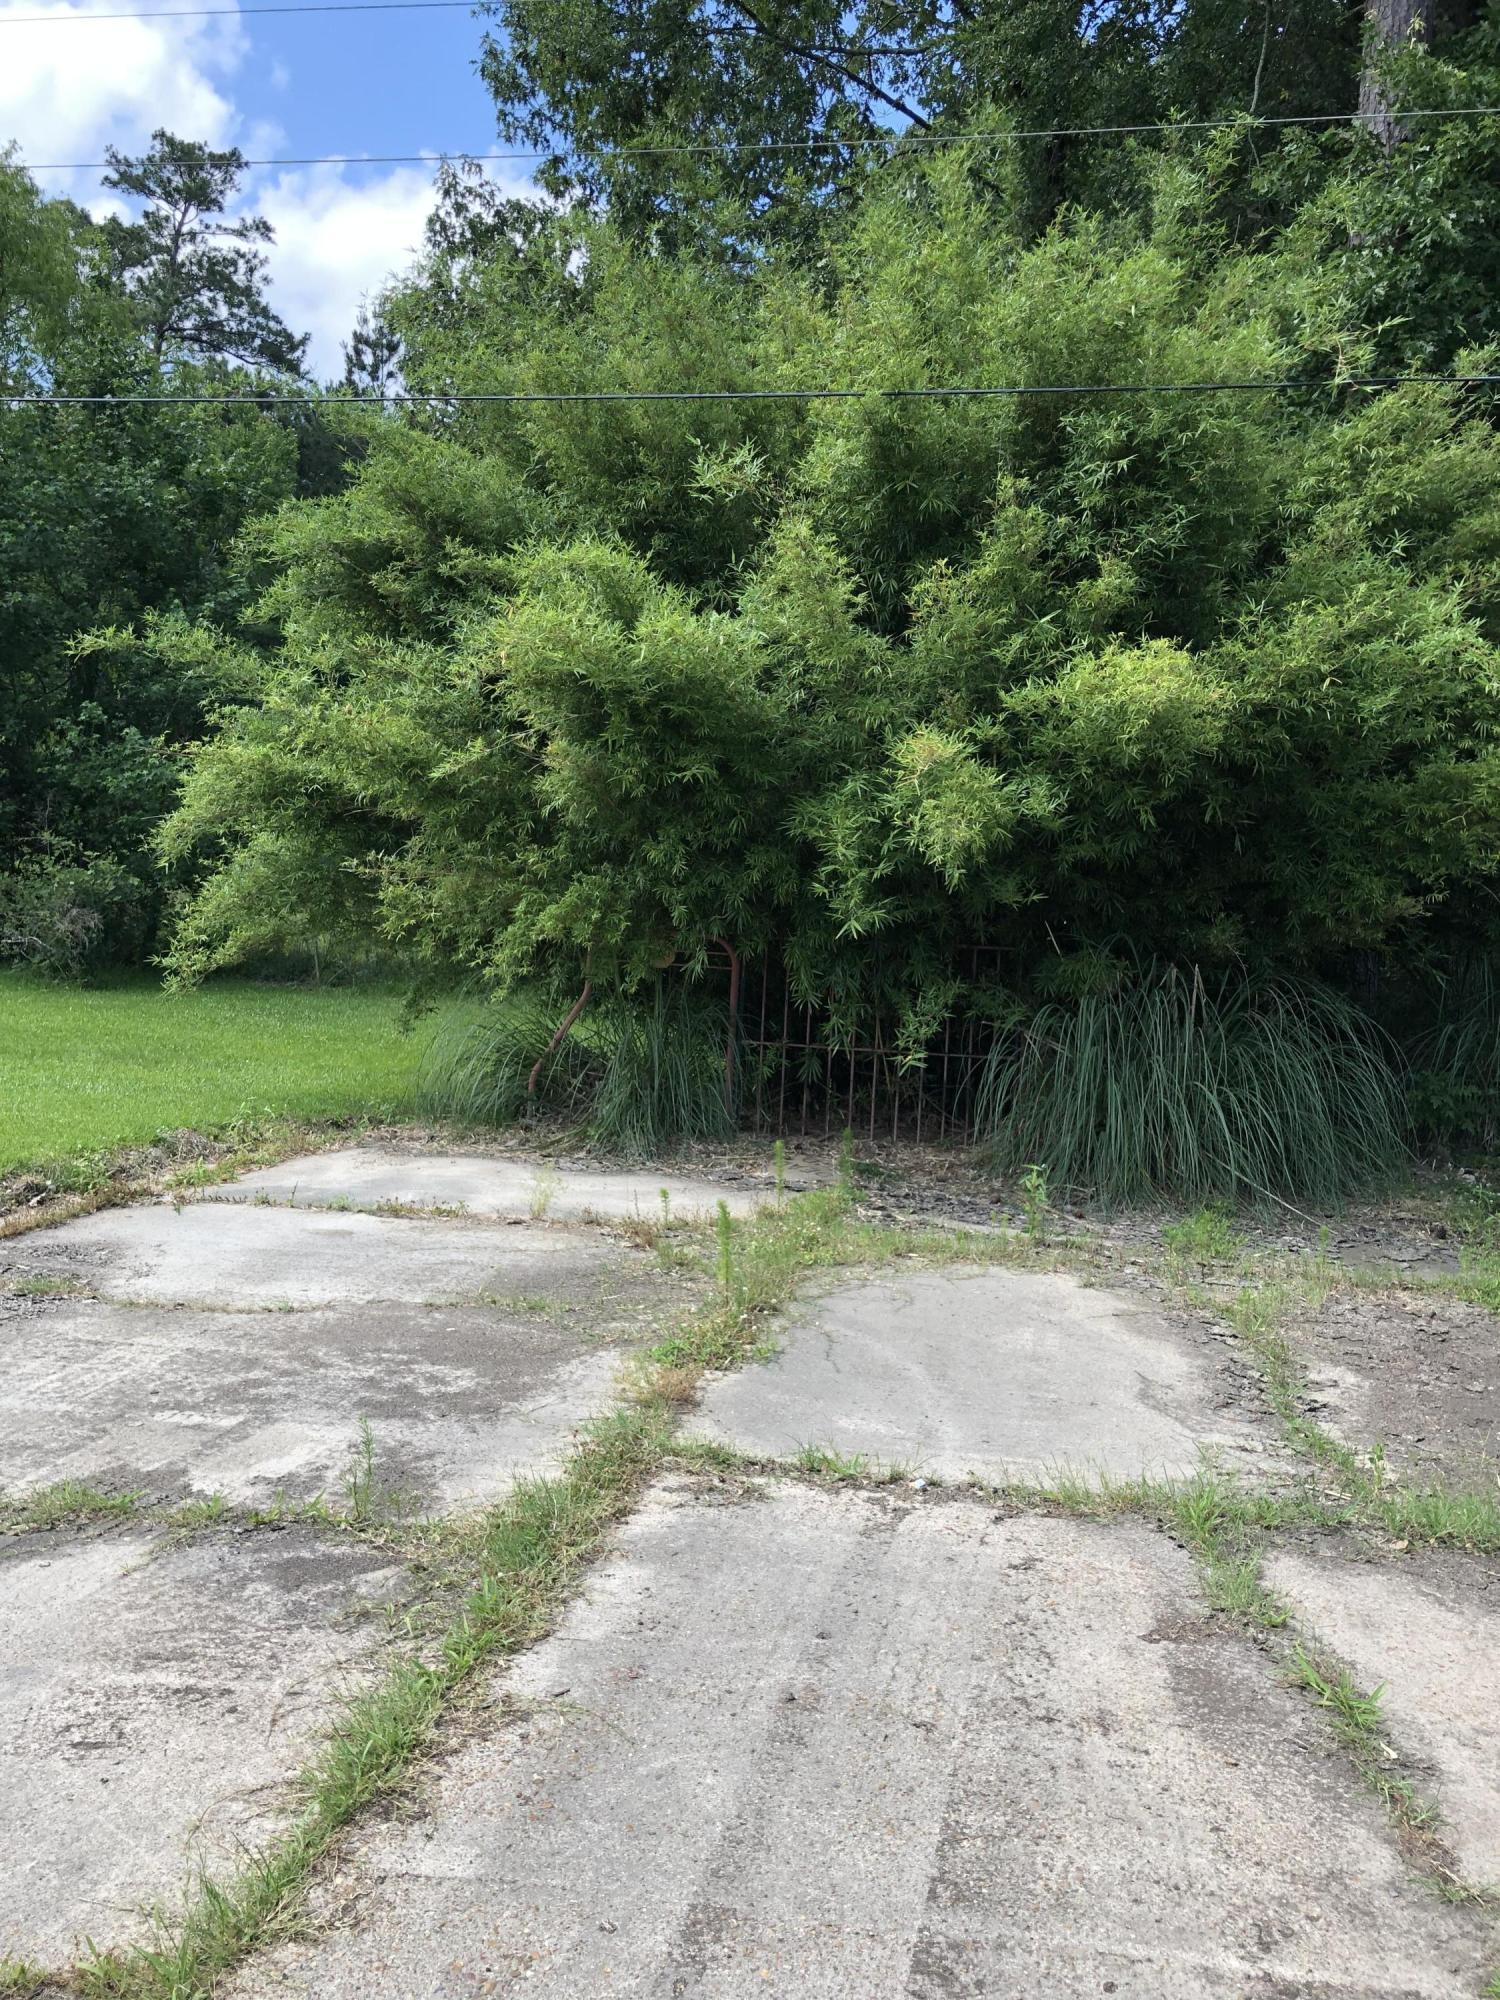 New Llano land for sale,  TBD, New Llano LA - $119,900